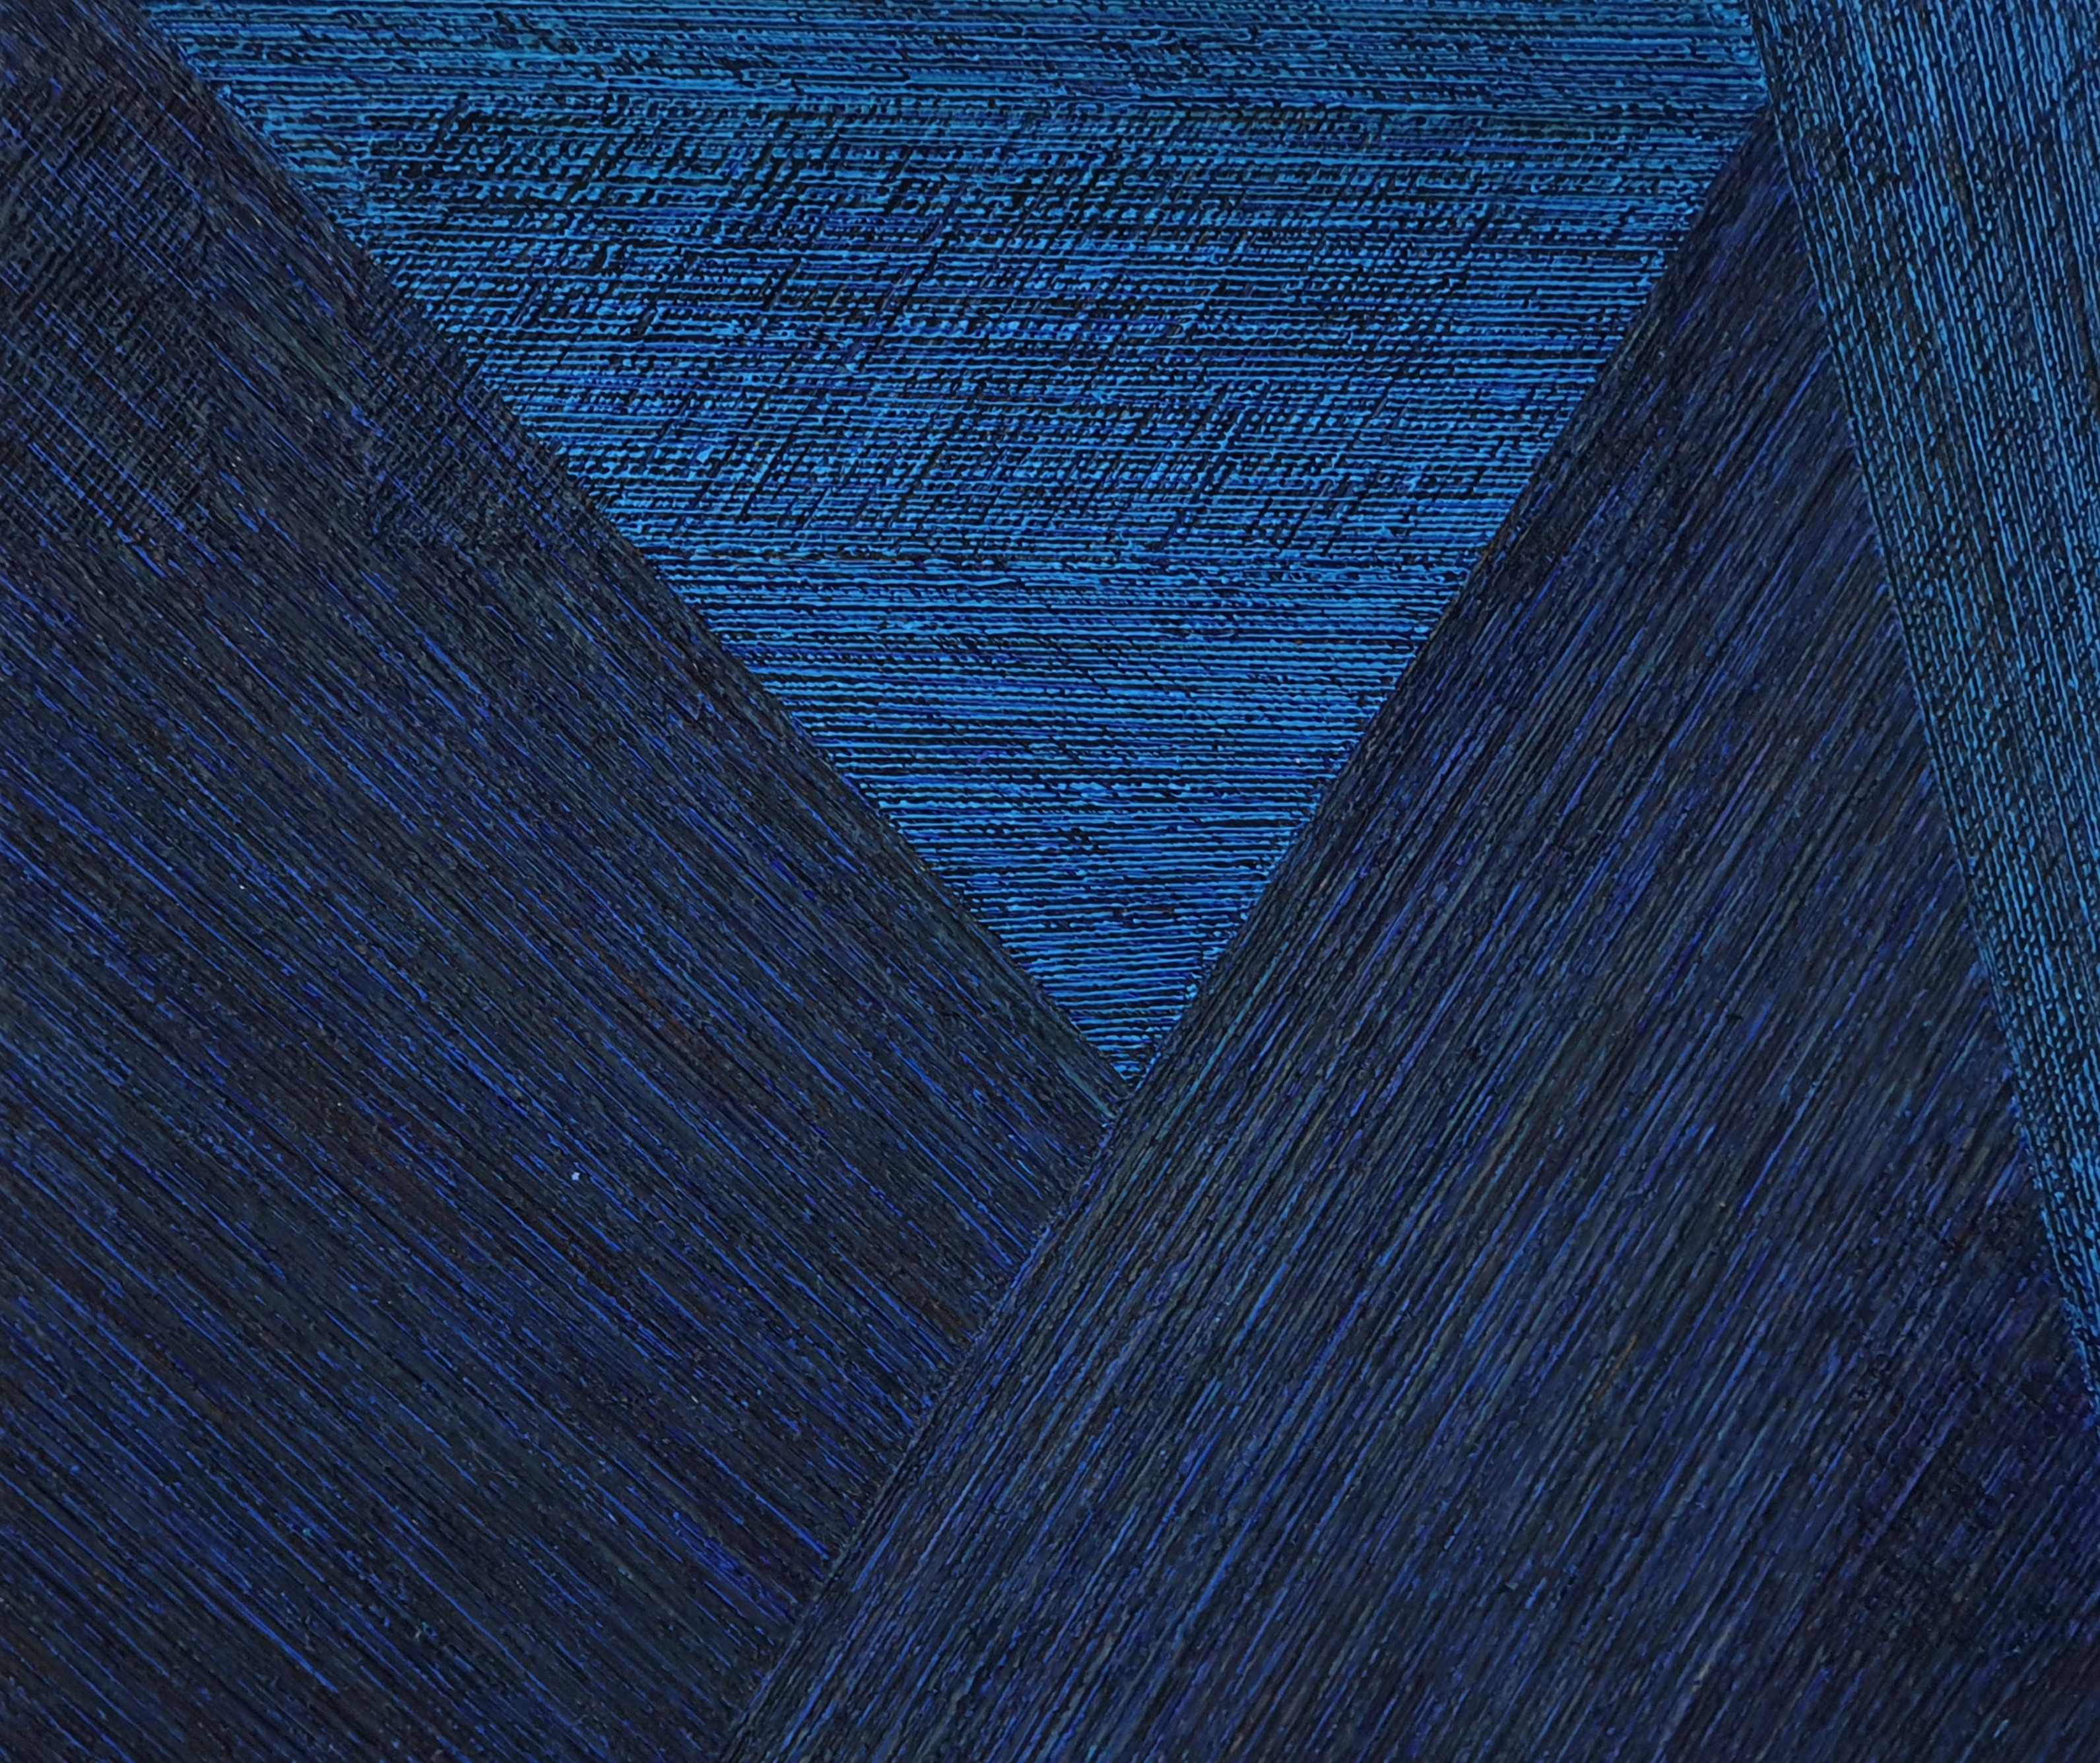 조미화1, HOMO-VIATOR0j2, 45.5 x 53